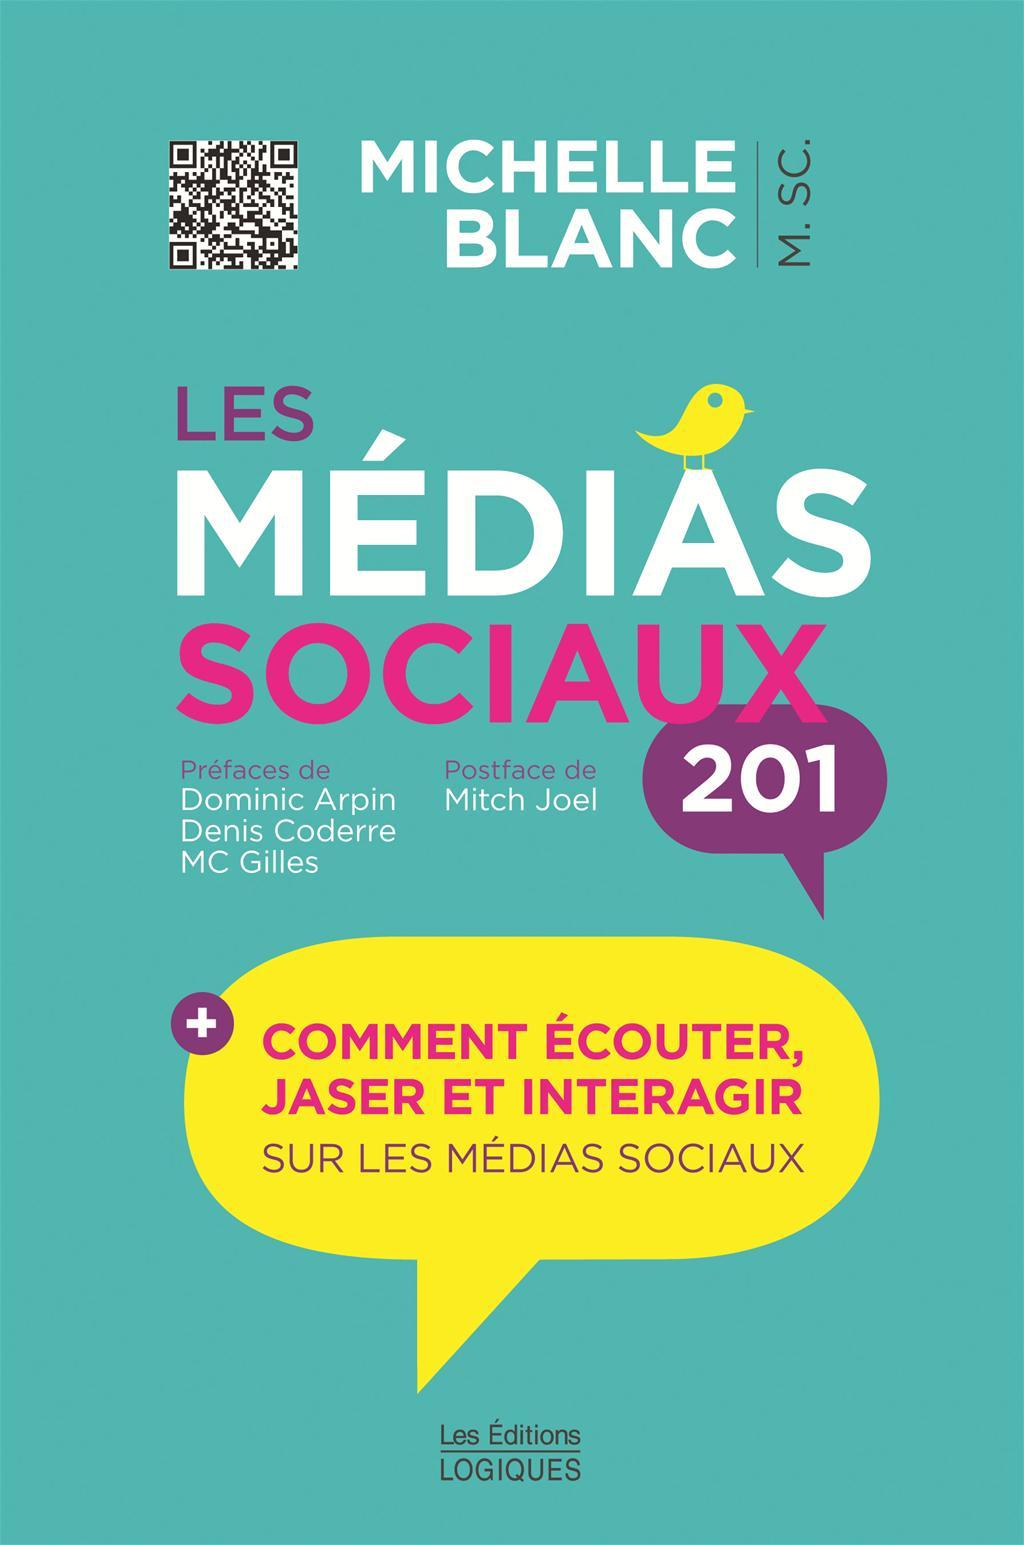 Les médias sociaux 201